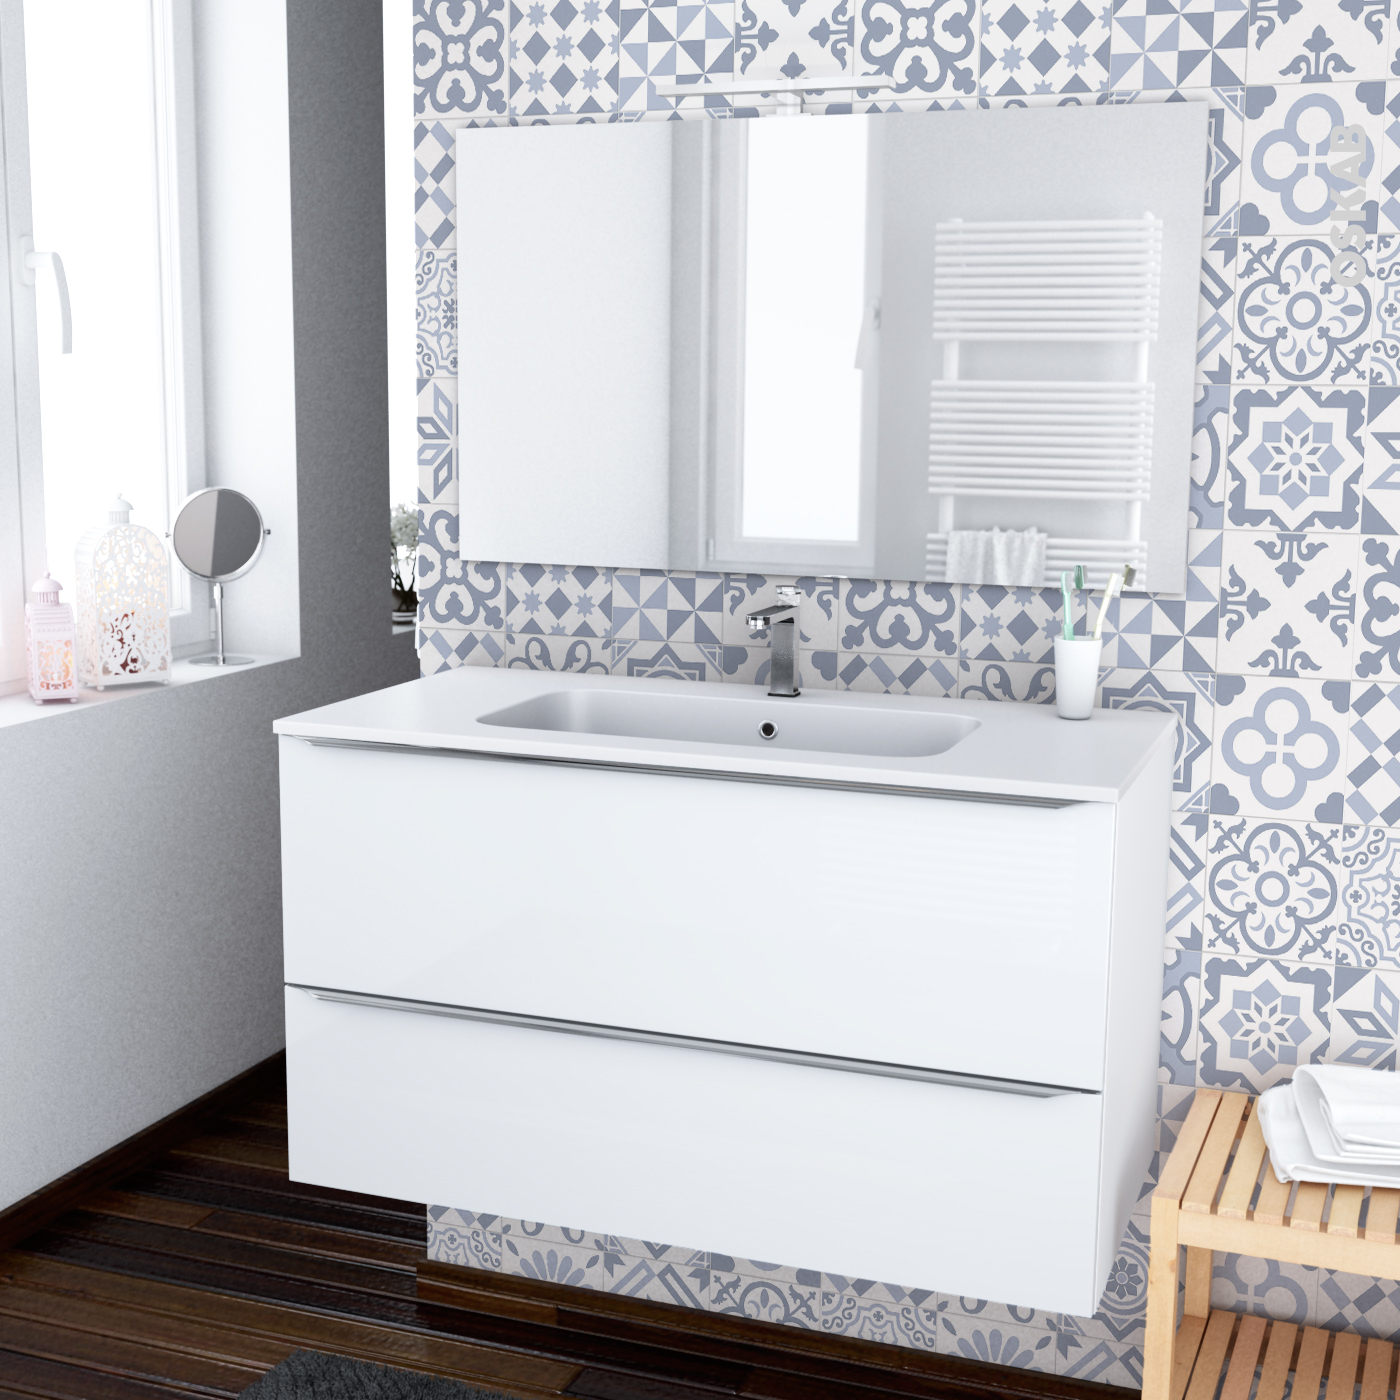 Meuble Salle De Bain Largeur 100 ensemble salle de bains meuble bora blanc plan vasque résine, miroir et  éclairage, l100,5 x h58,5 x p50,5 cm